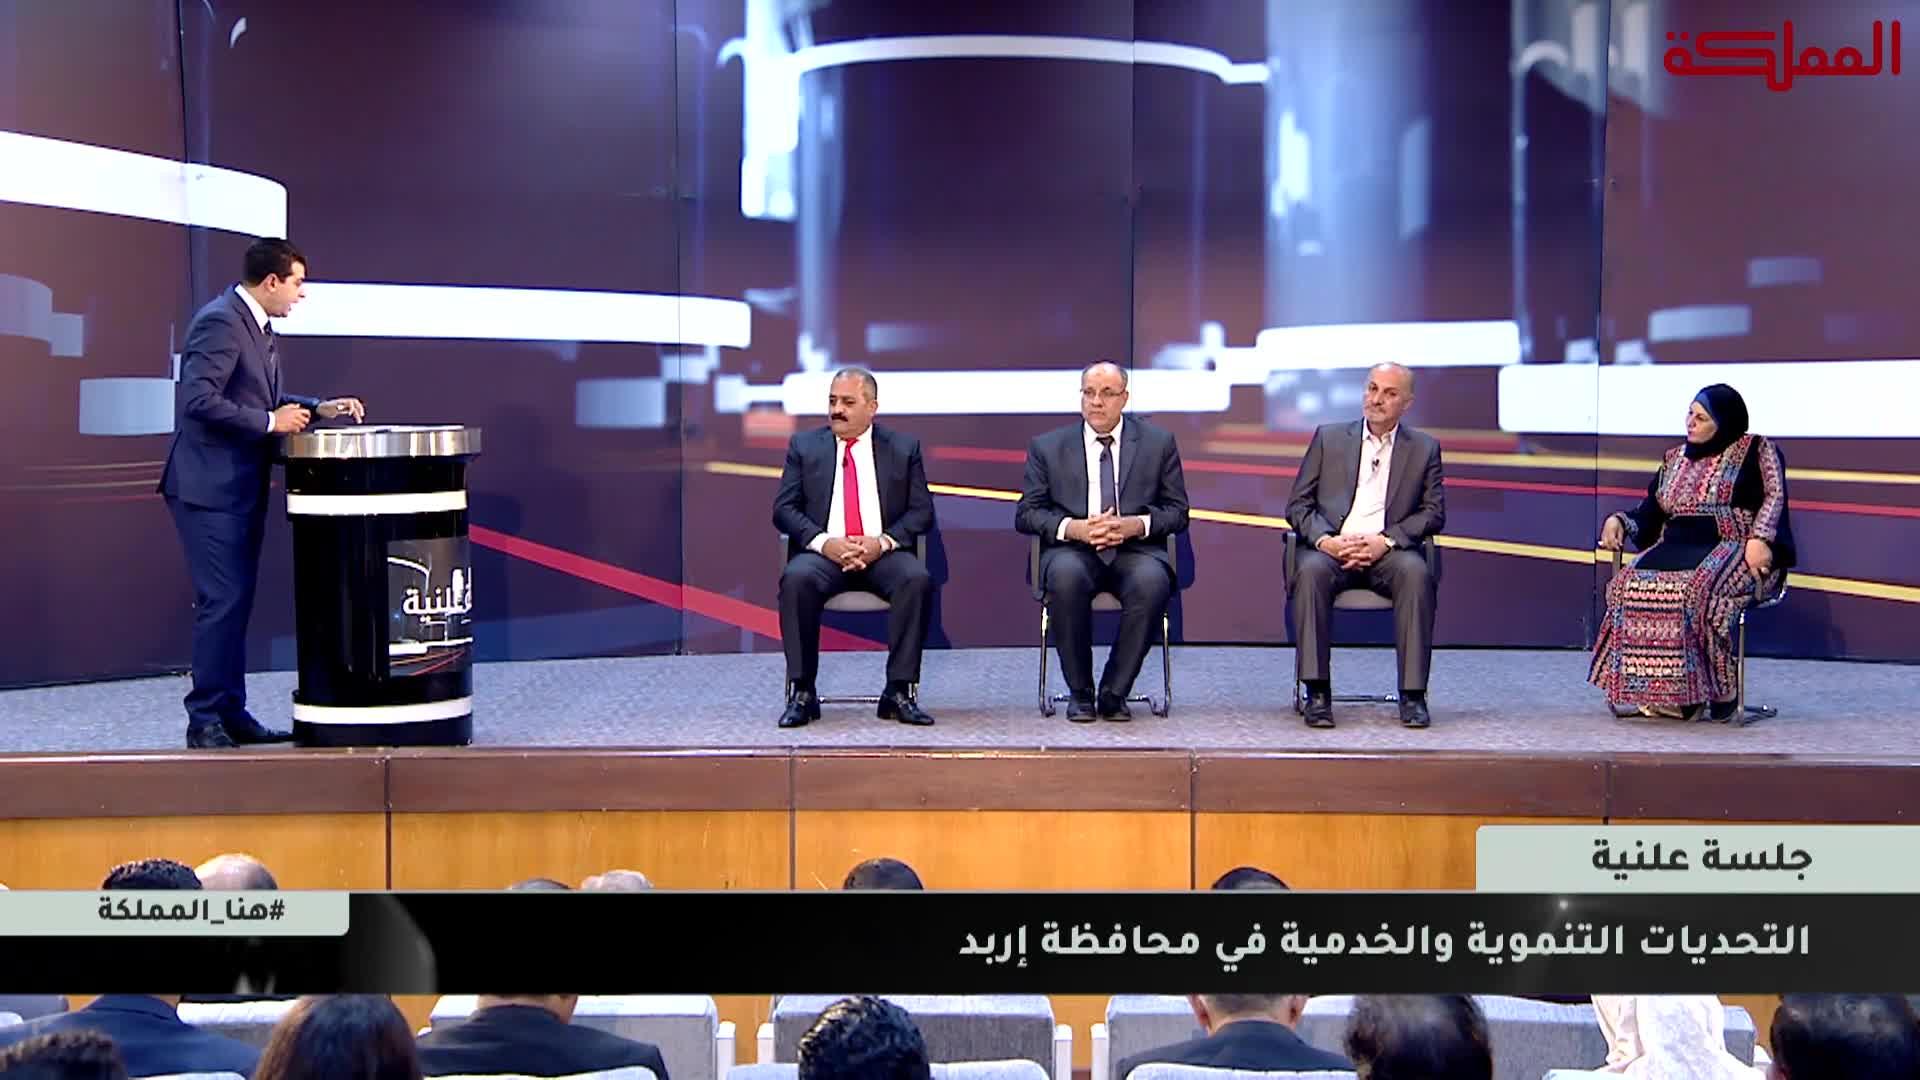 جلسة علنية | محافظة إربد